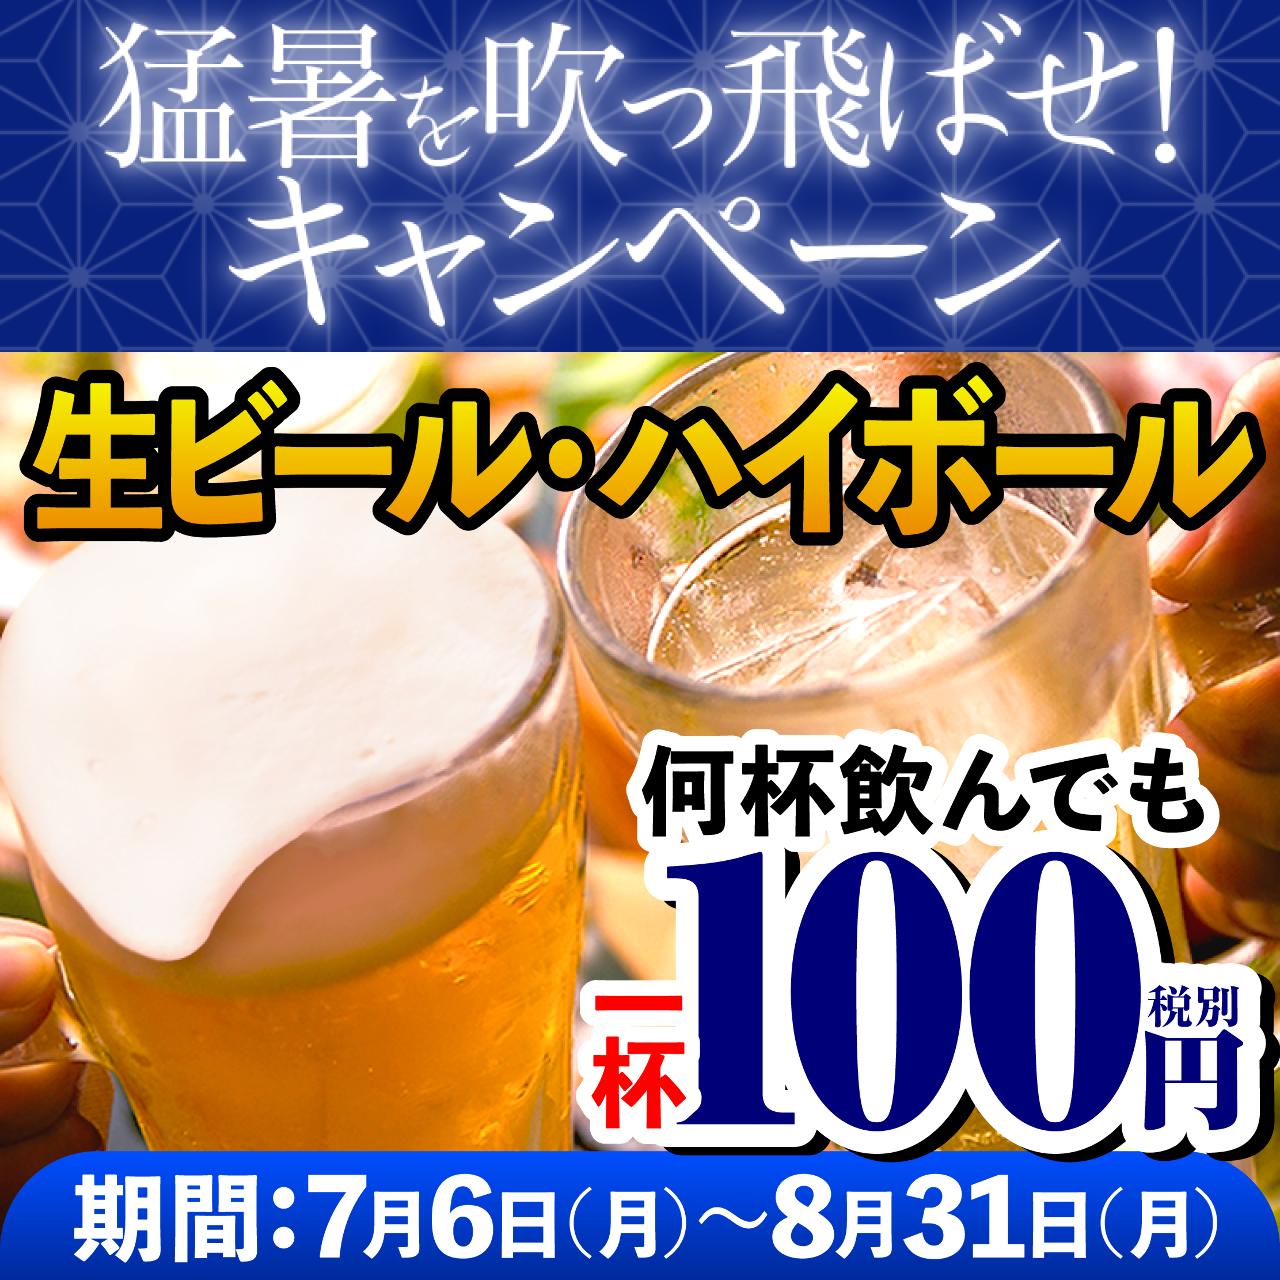 食べ飲み放題 居酒屋 チキチキチキン 北野坂店